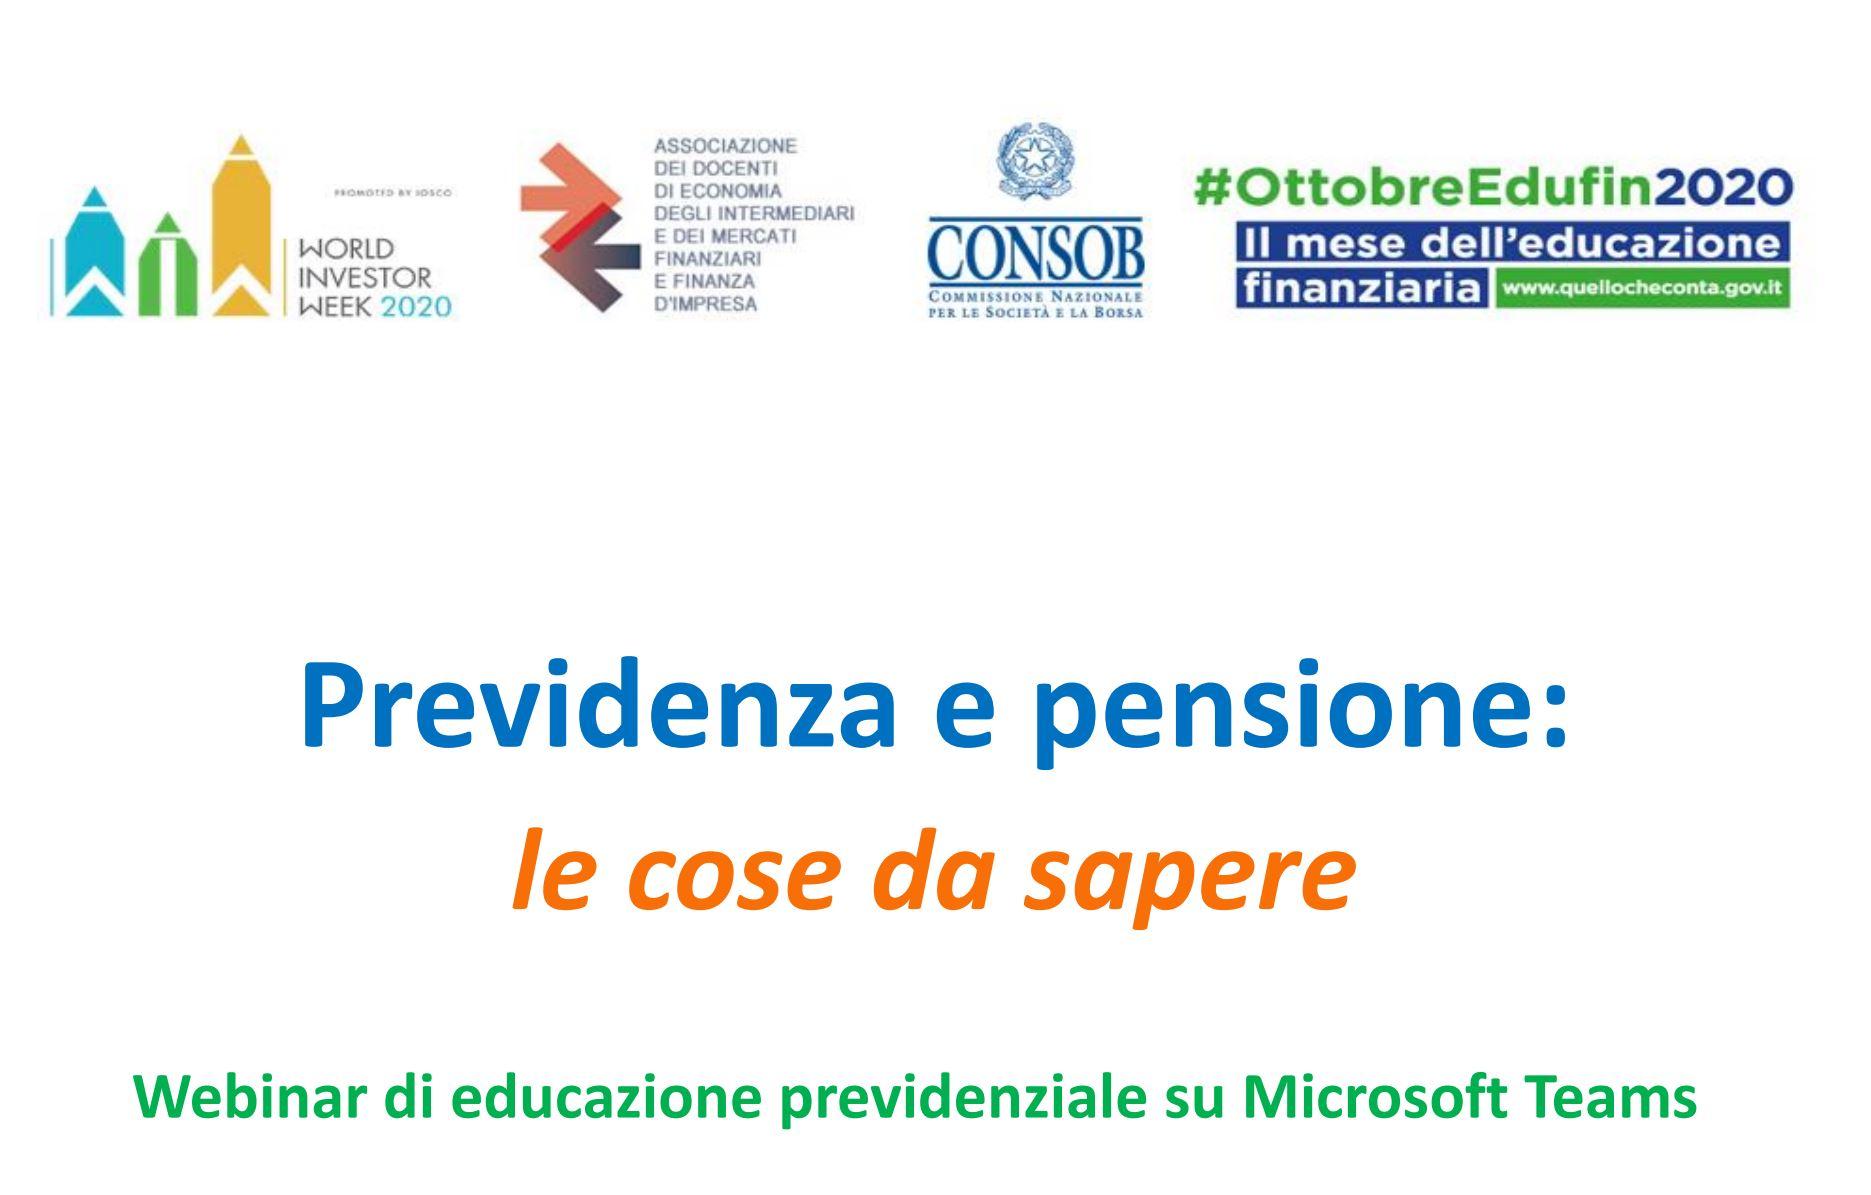 webinar-educazione-previdenziale-30-ottobre-2020